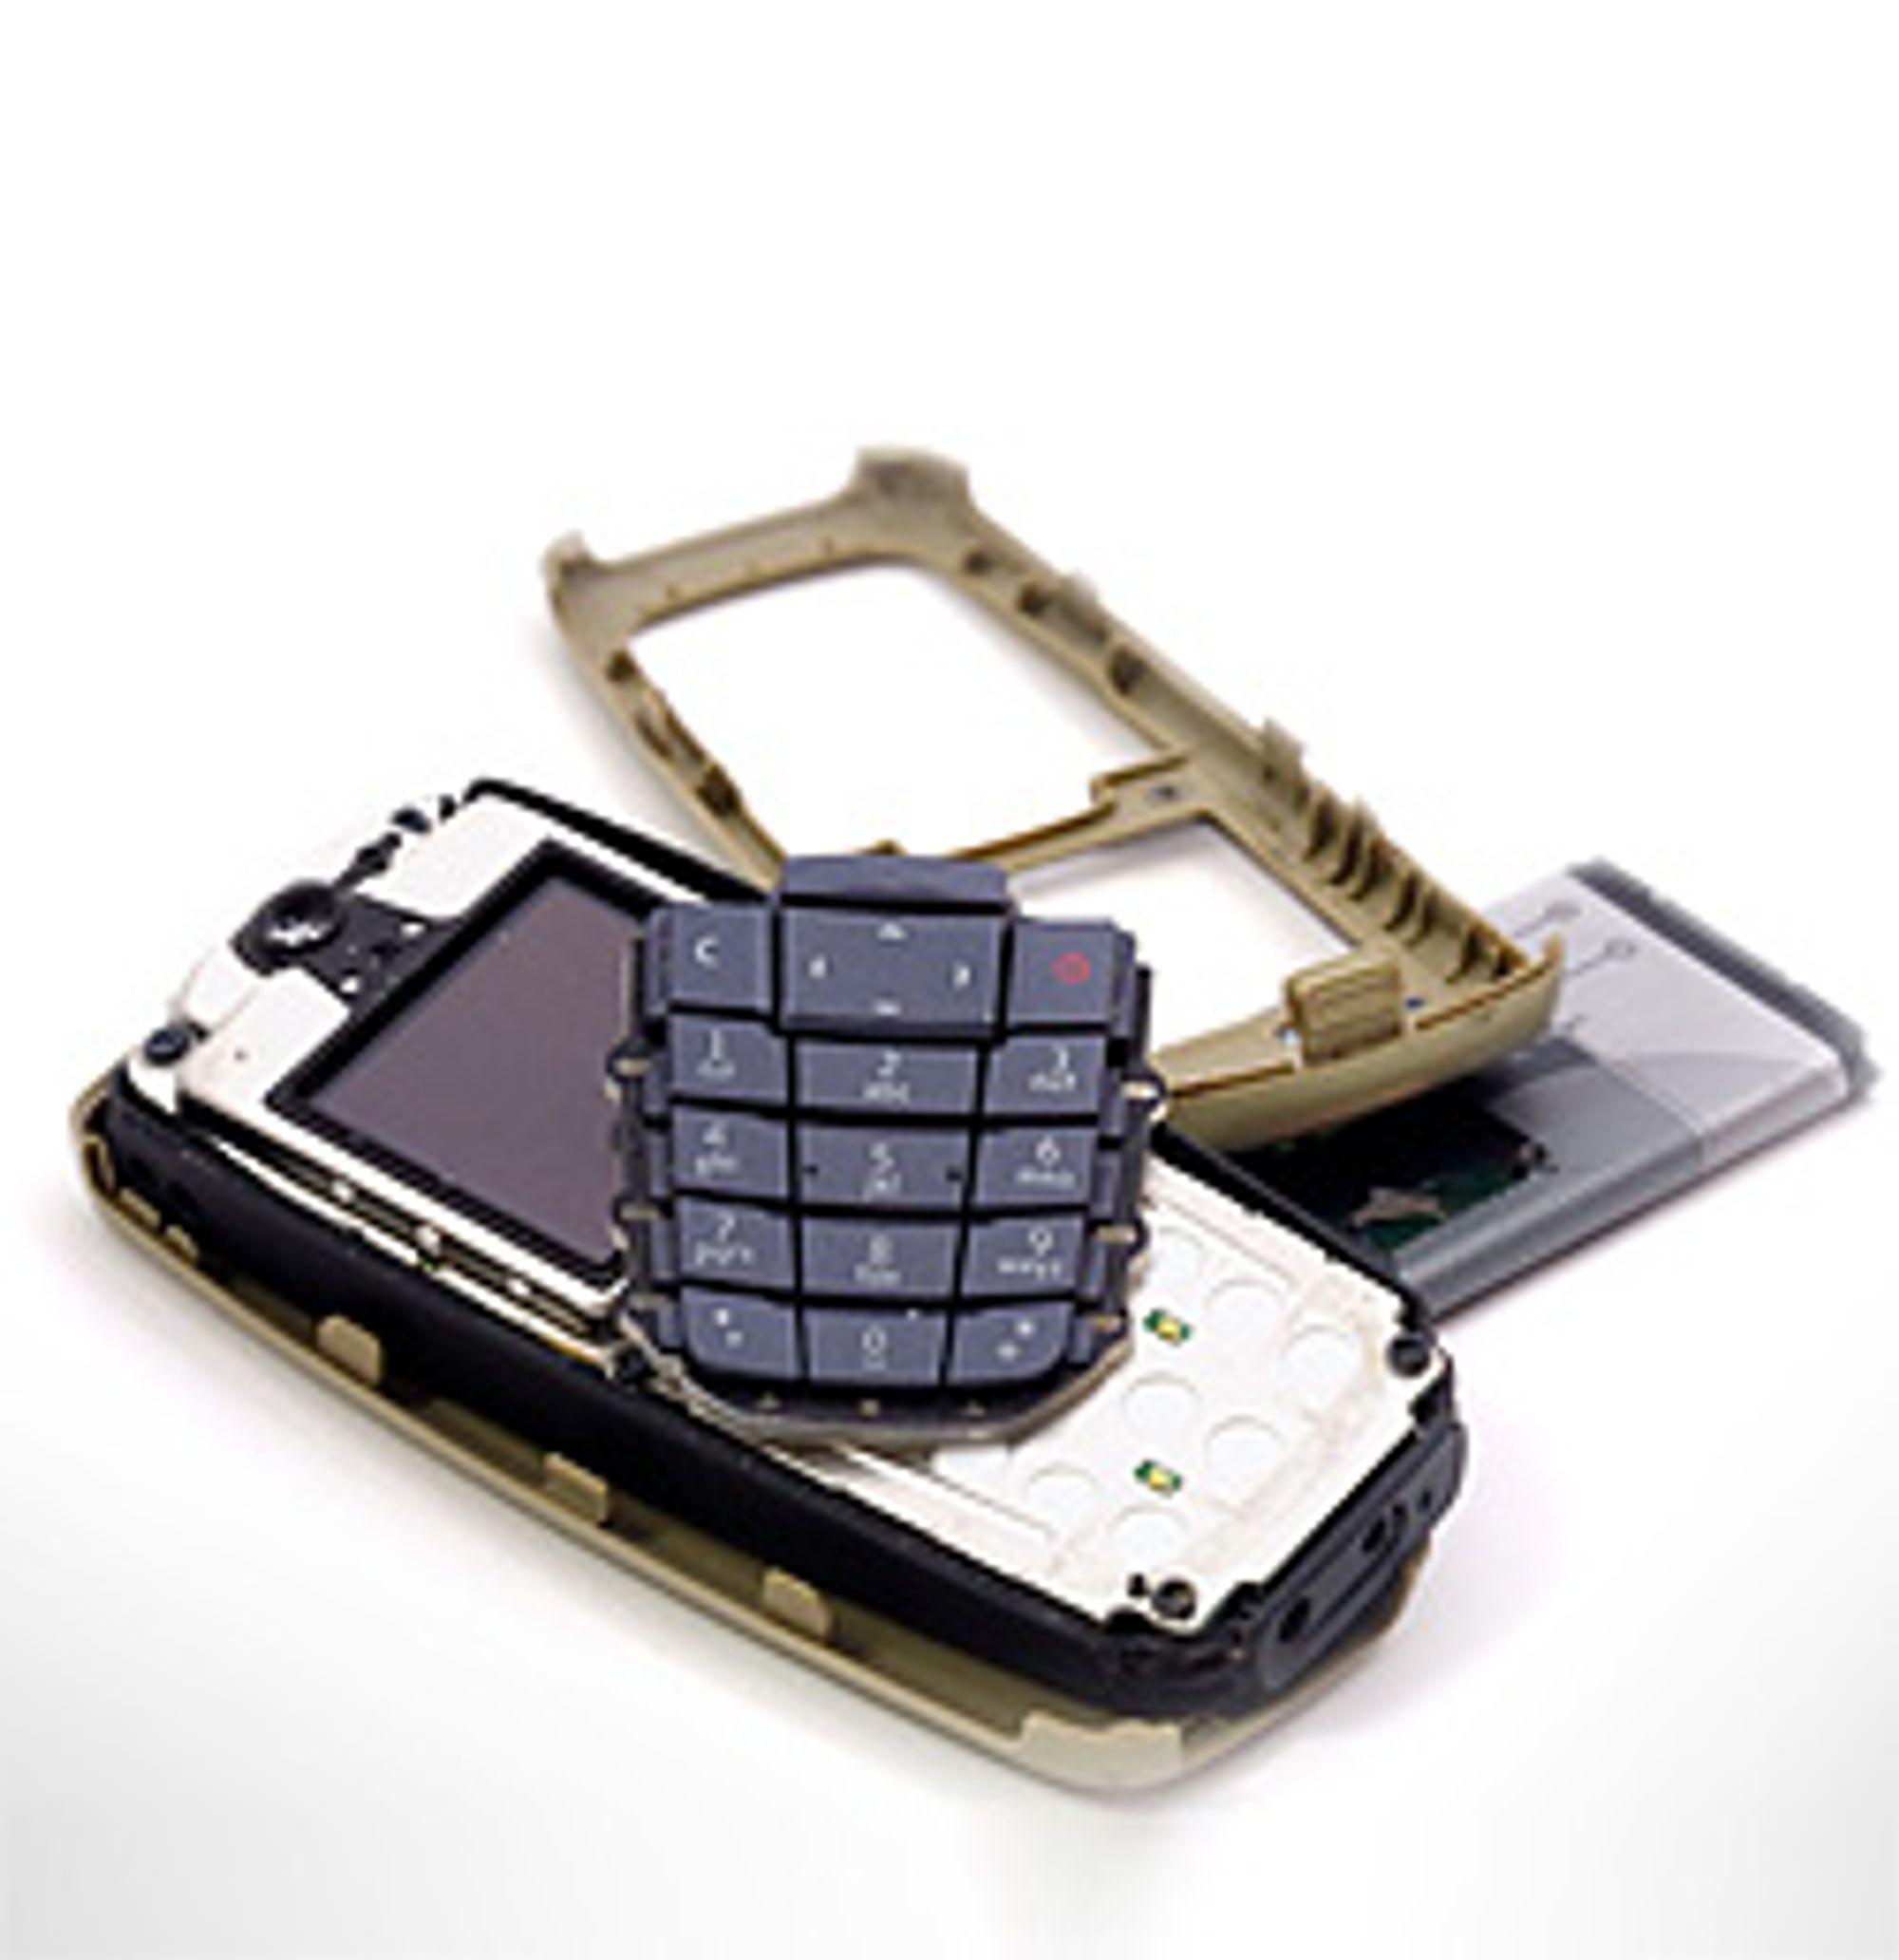 Om noe går galt, kan det også være en fordel om du har kjøpt mobilen i butikk. (Foto: Istockphoto / Don Bayley)